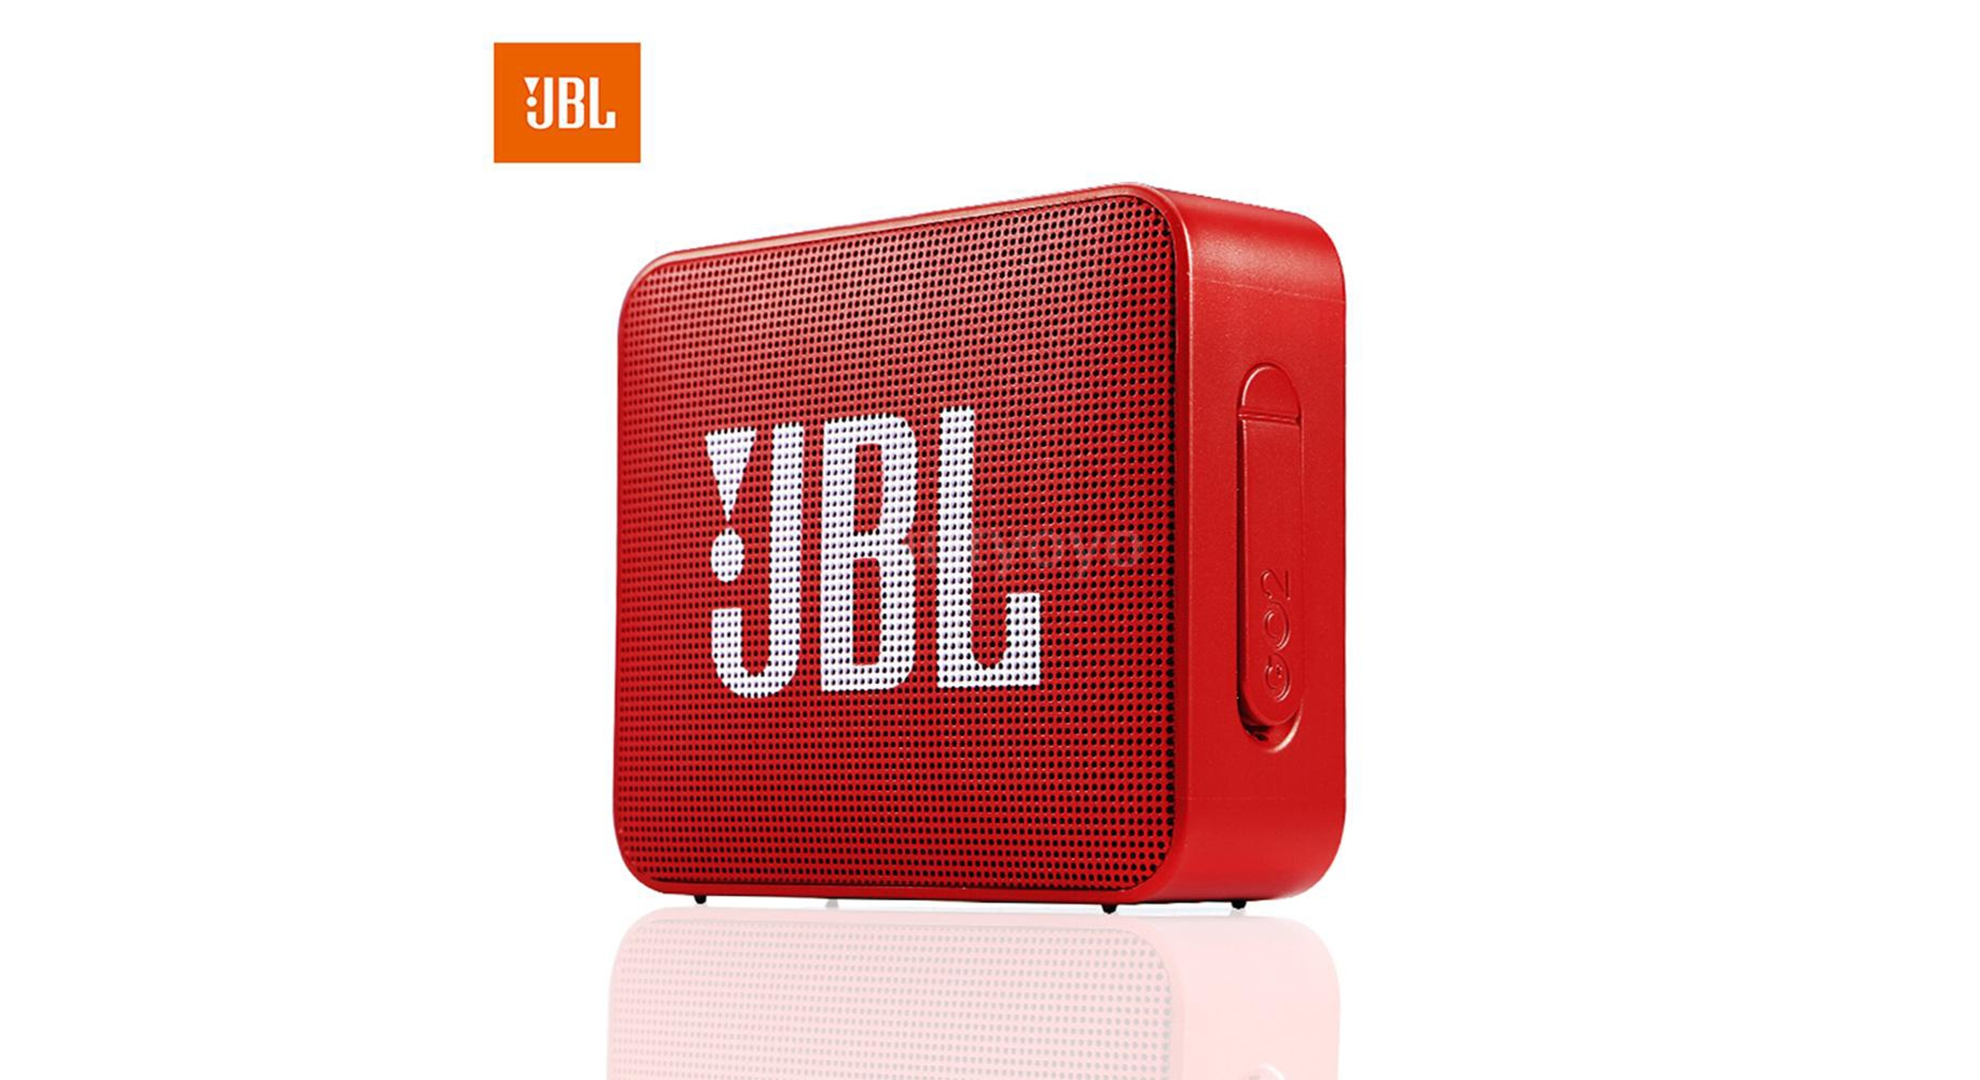 Malý a výkonný reproduktor JBL GO2 jen nyní za sníženou cenu! [sponzorovaný článek]